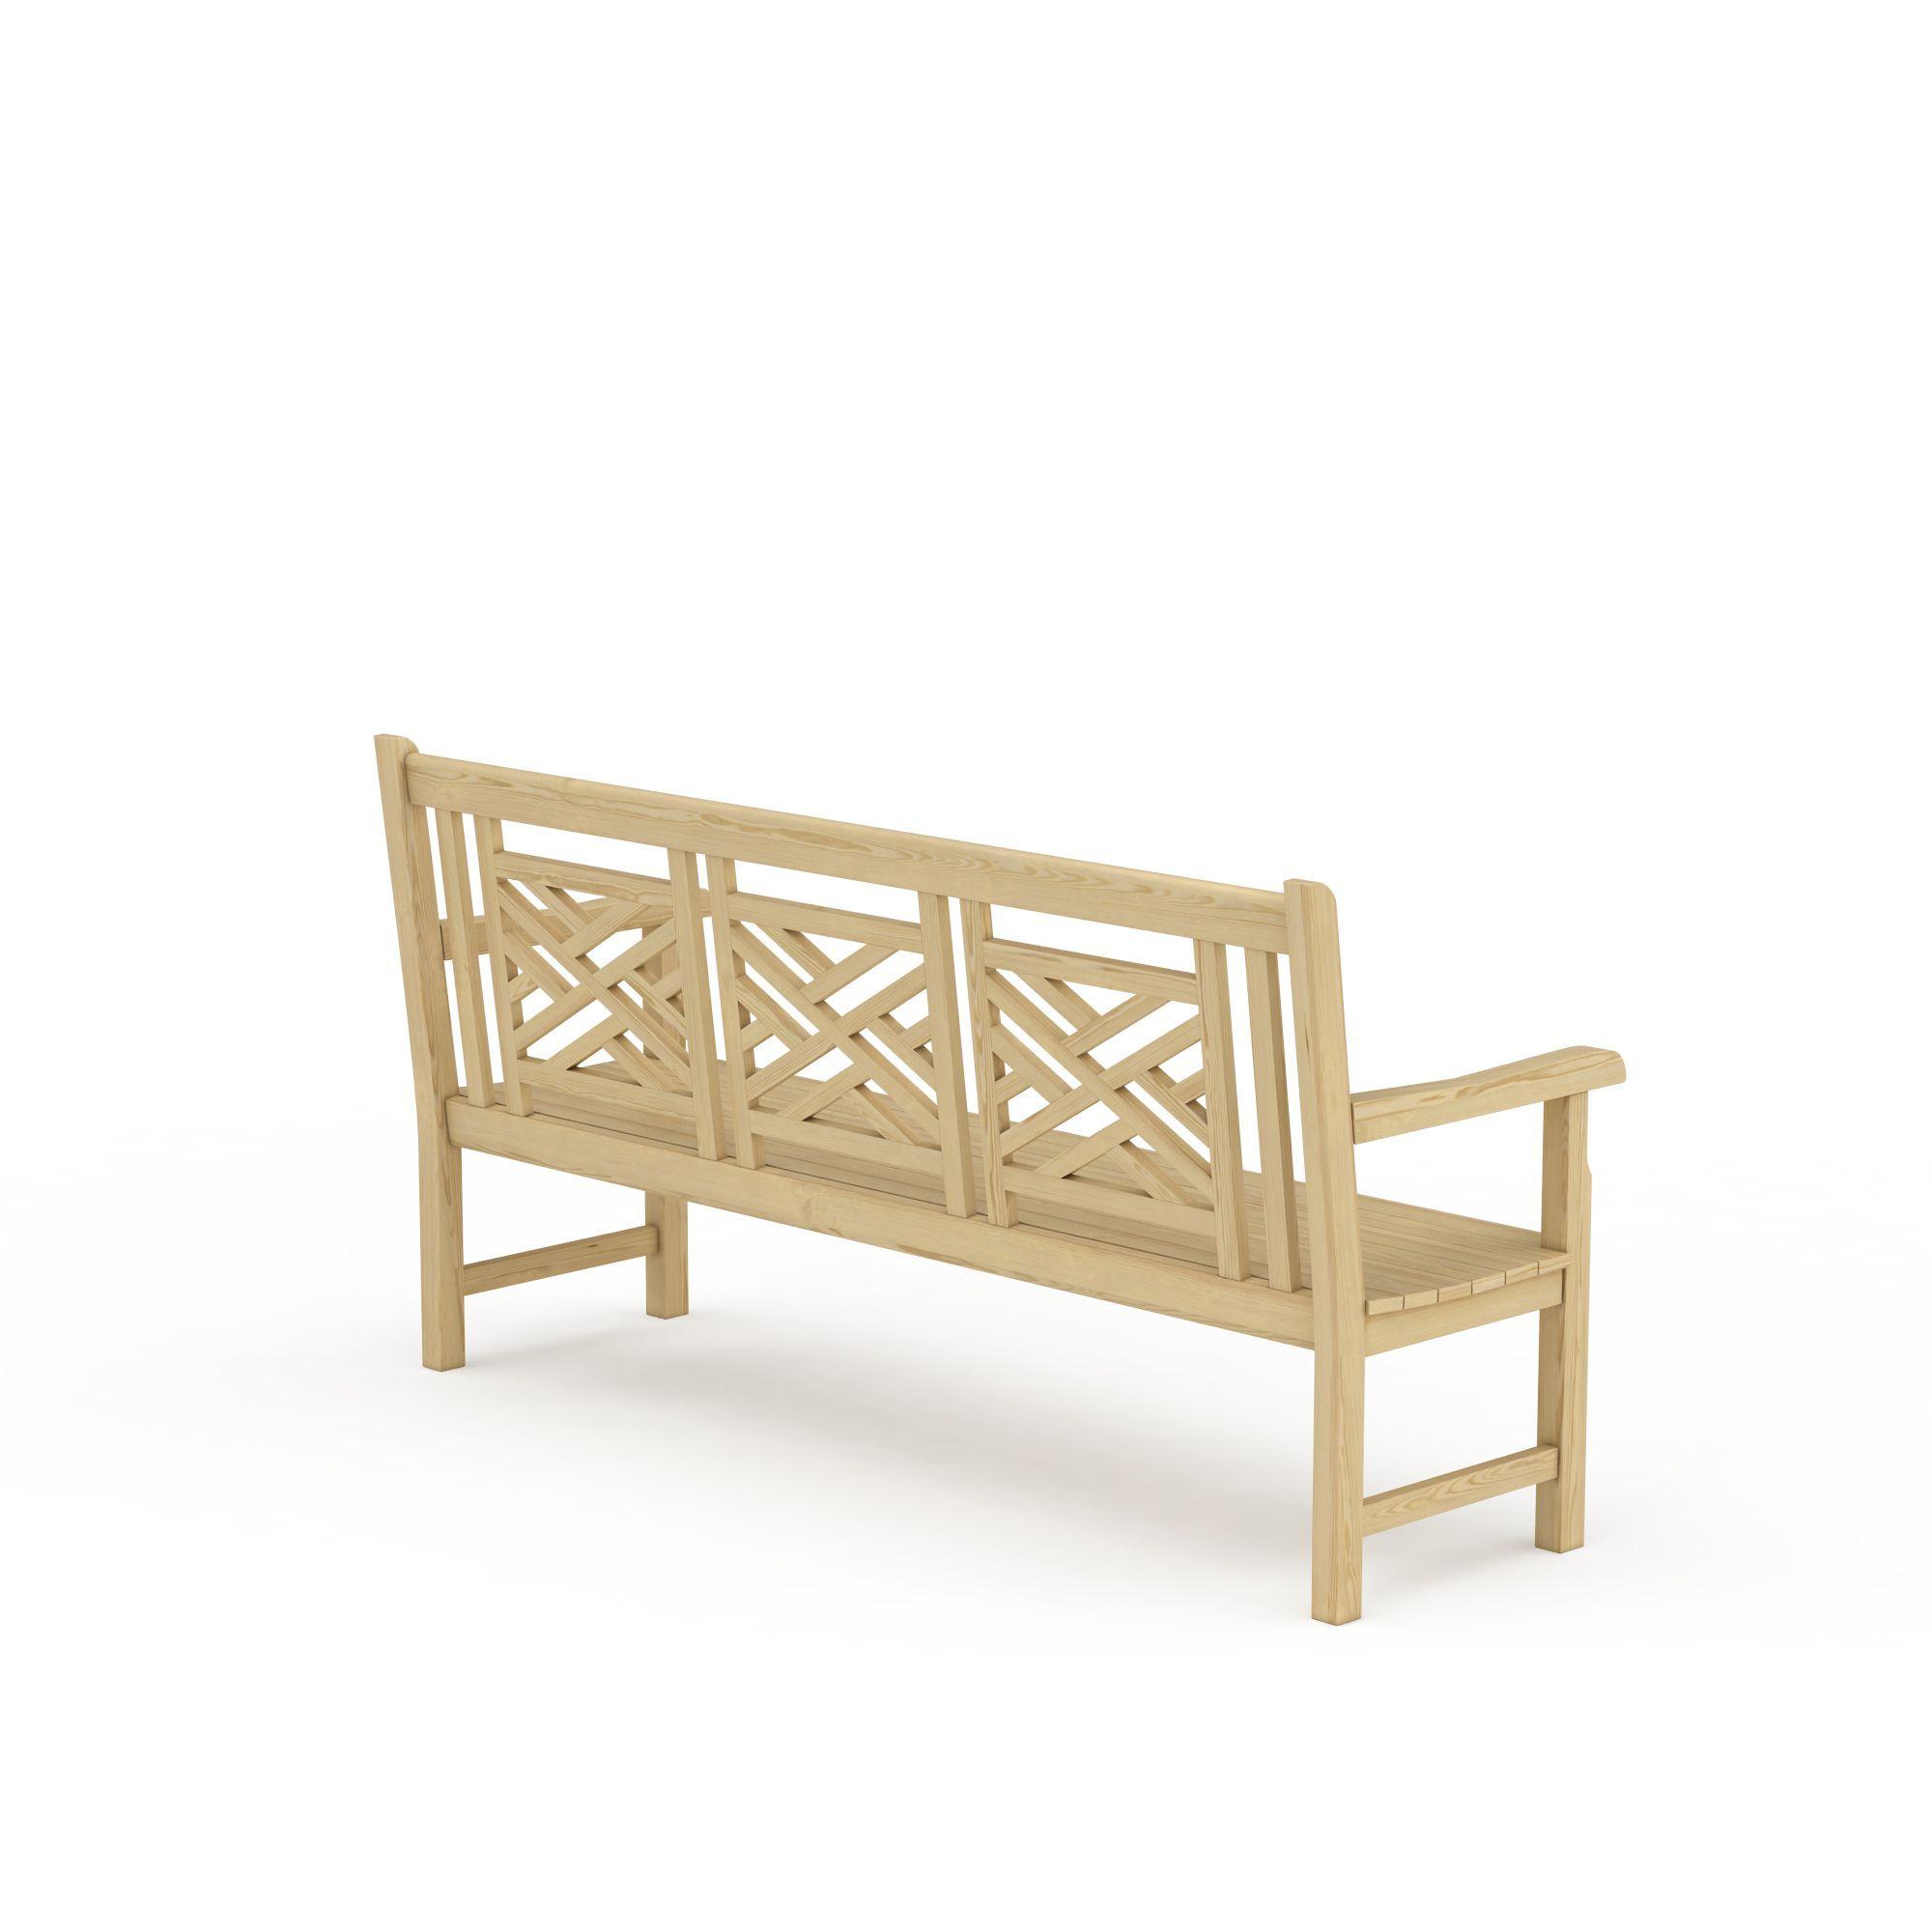 格式 png 风格 现代 上传时间 2015/12/15  关键词:长木椅3d模型中式图片